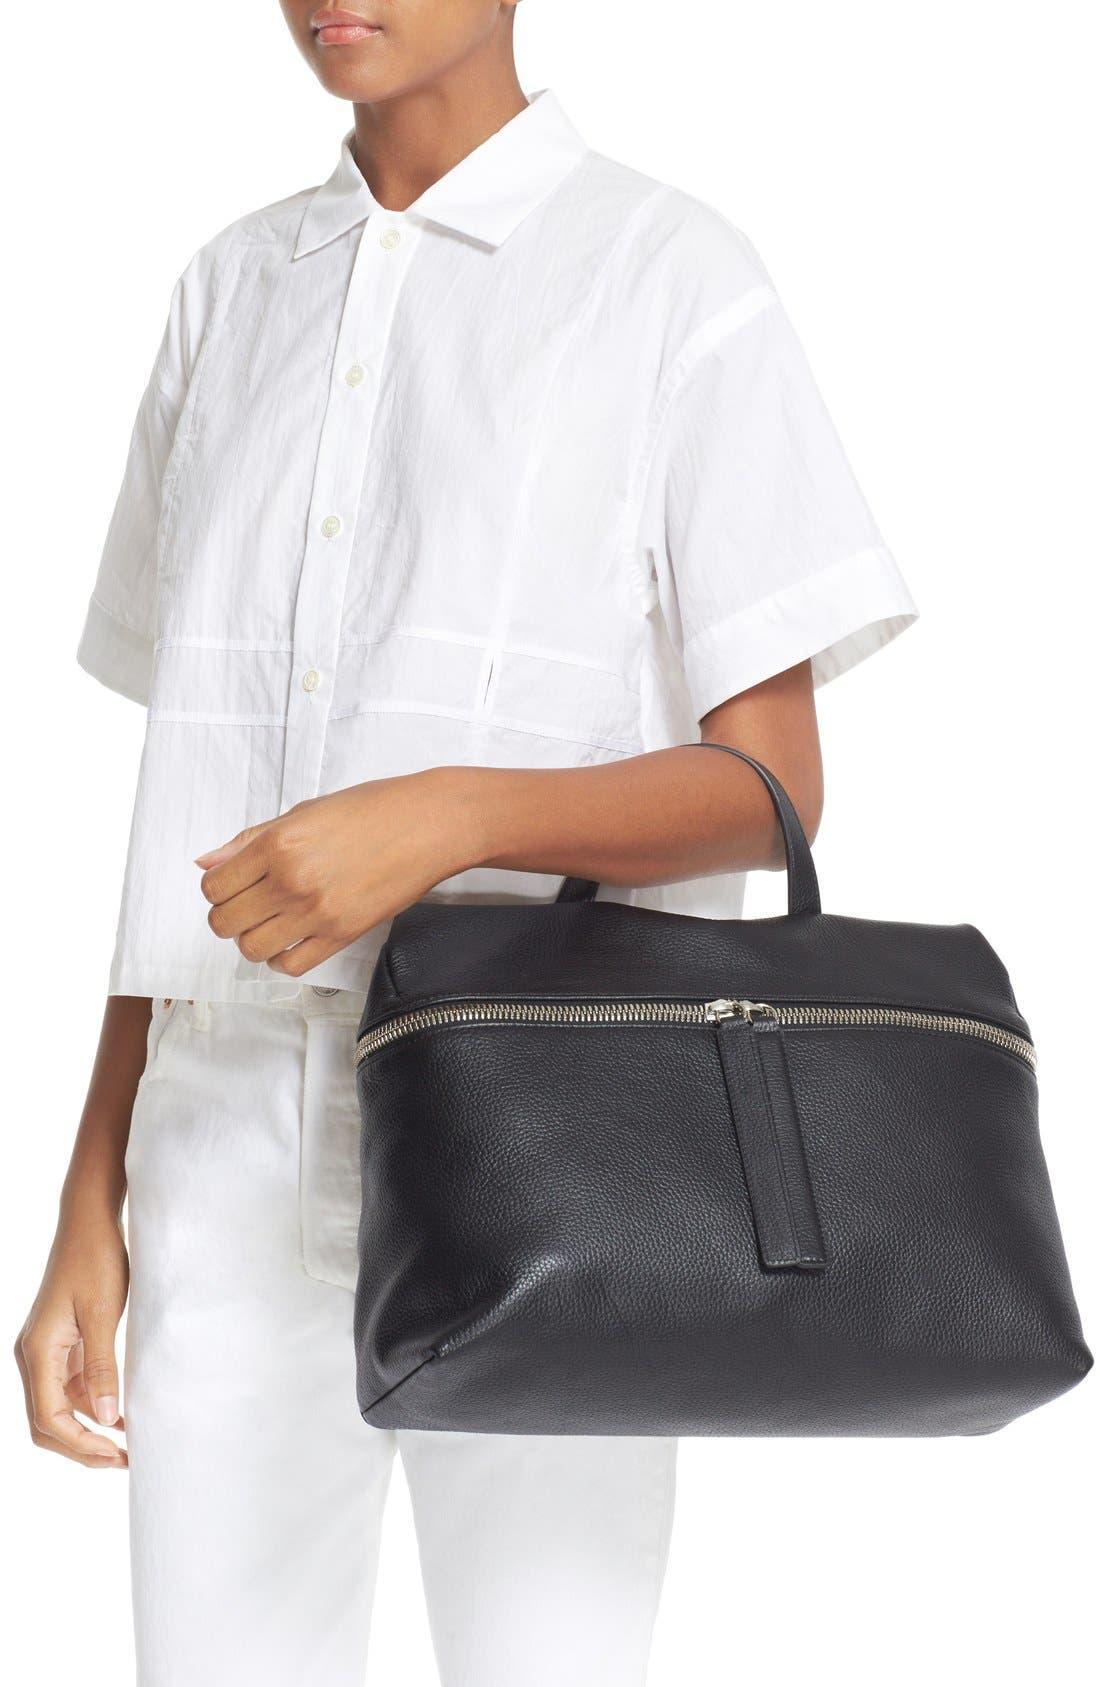 KARA Pebbled Leather Satchel